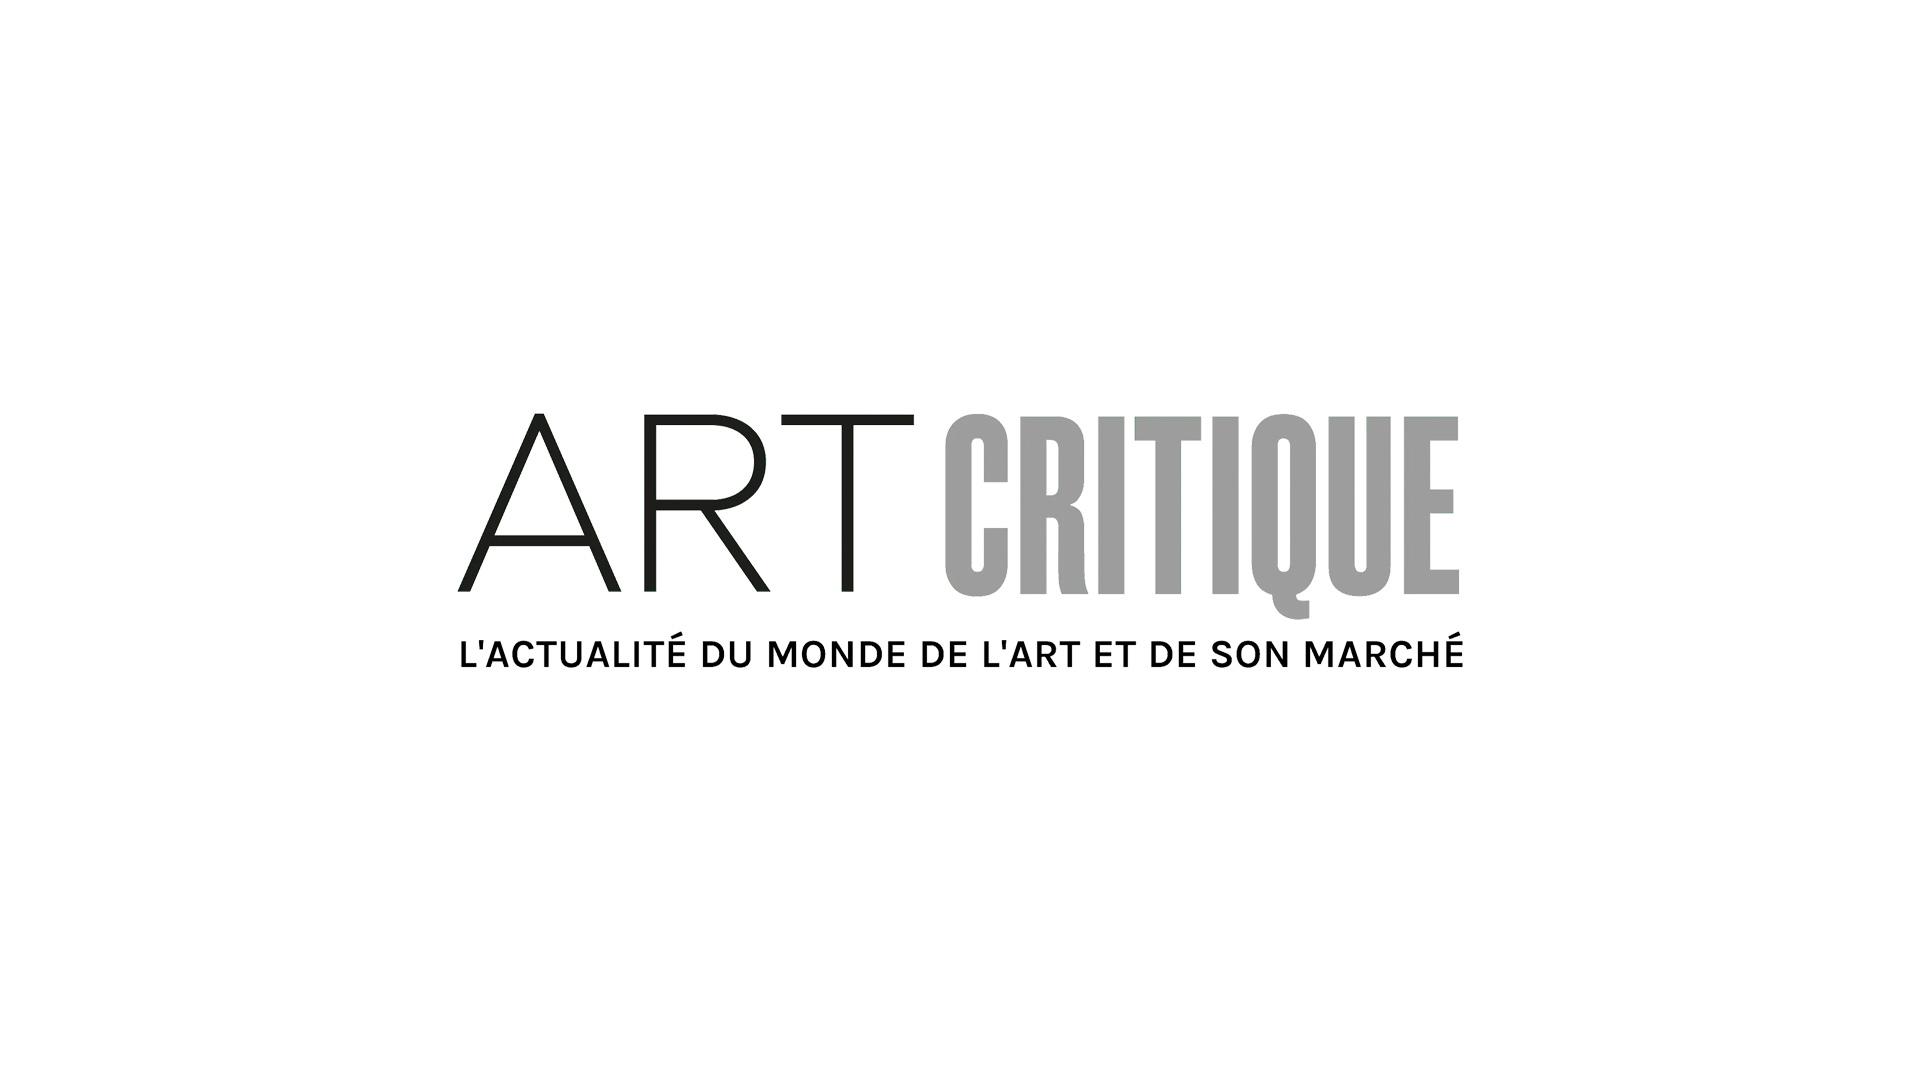 La Fondation Cartier nous emmène en forêt